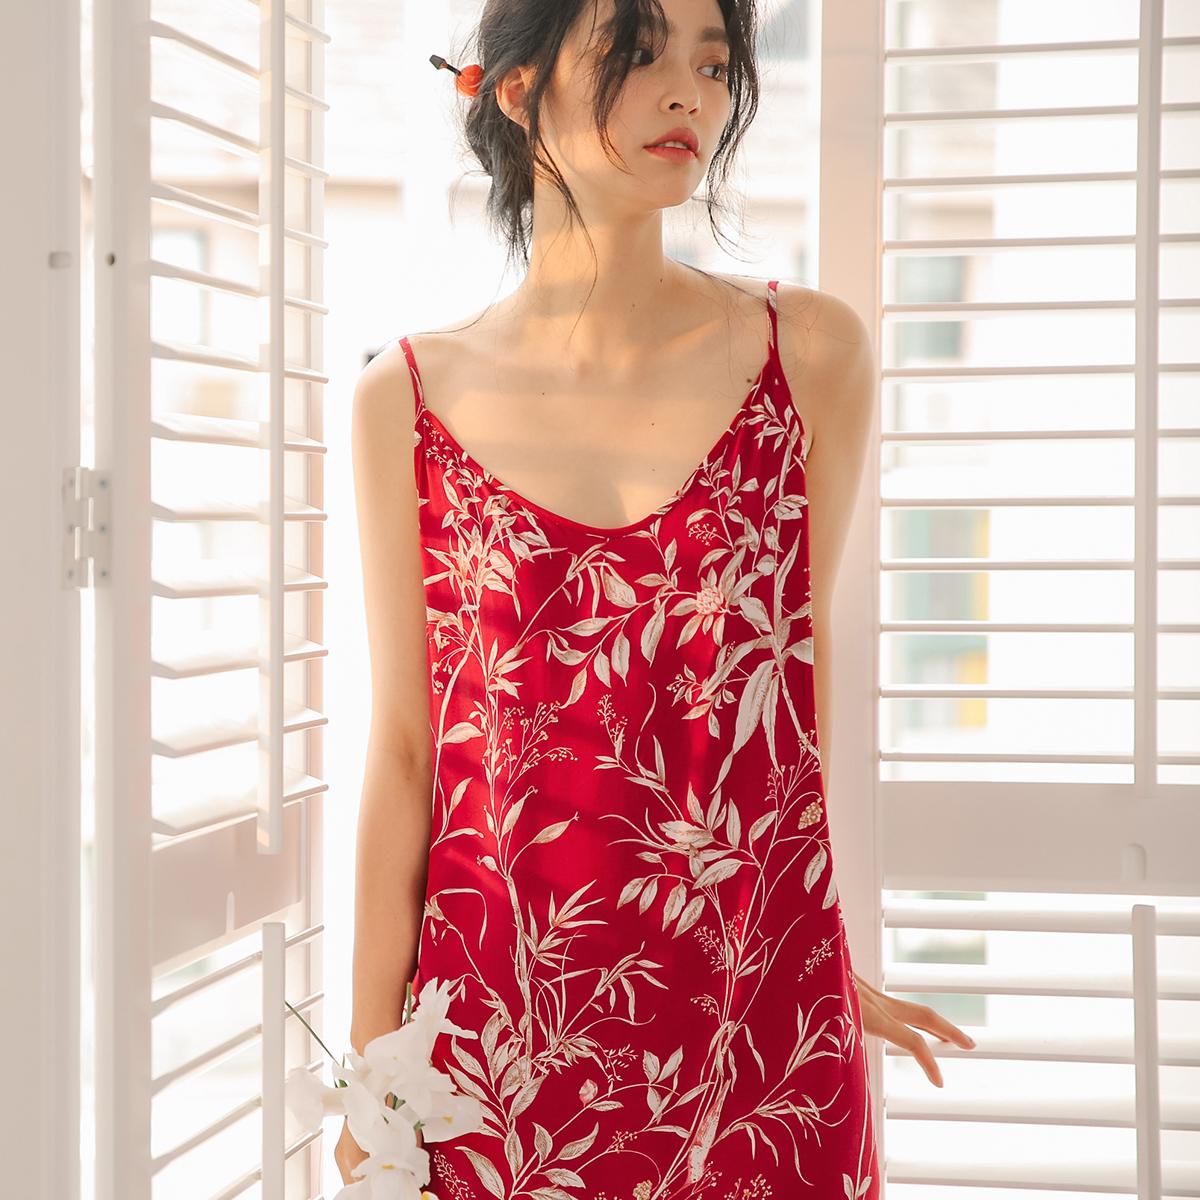 薄款无袖纯棉绸睡裙女士夏季吊带睡衣裙子美背性感可外穿长款韩版11月21日最新优惠